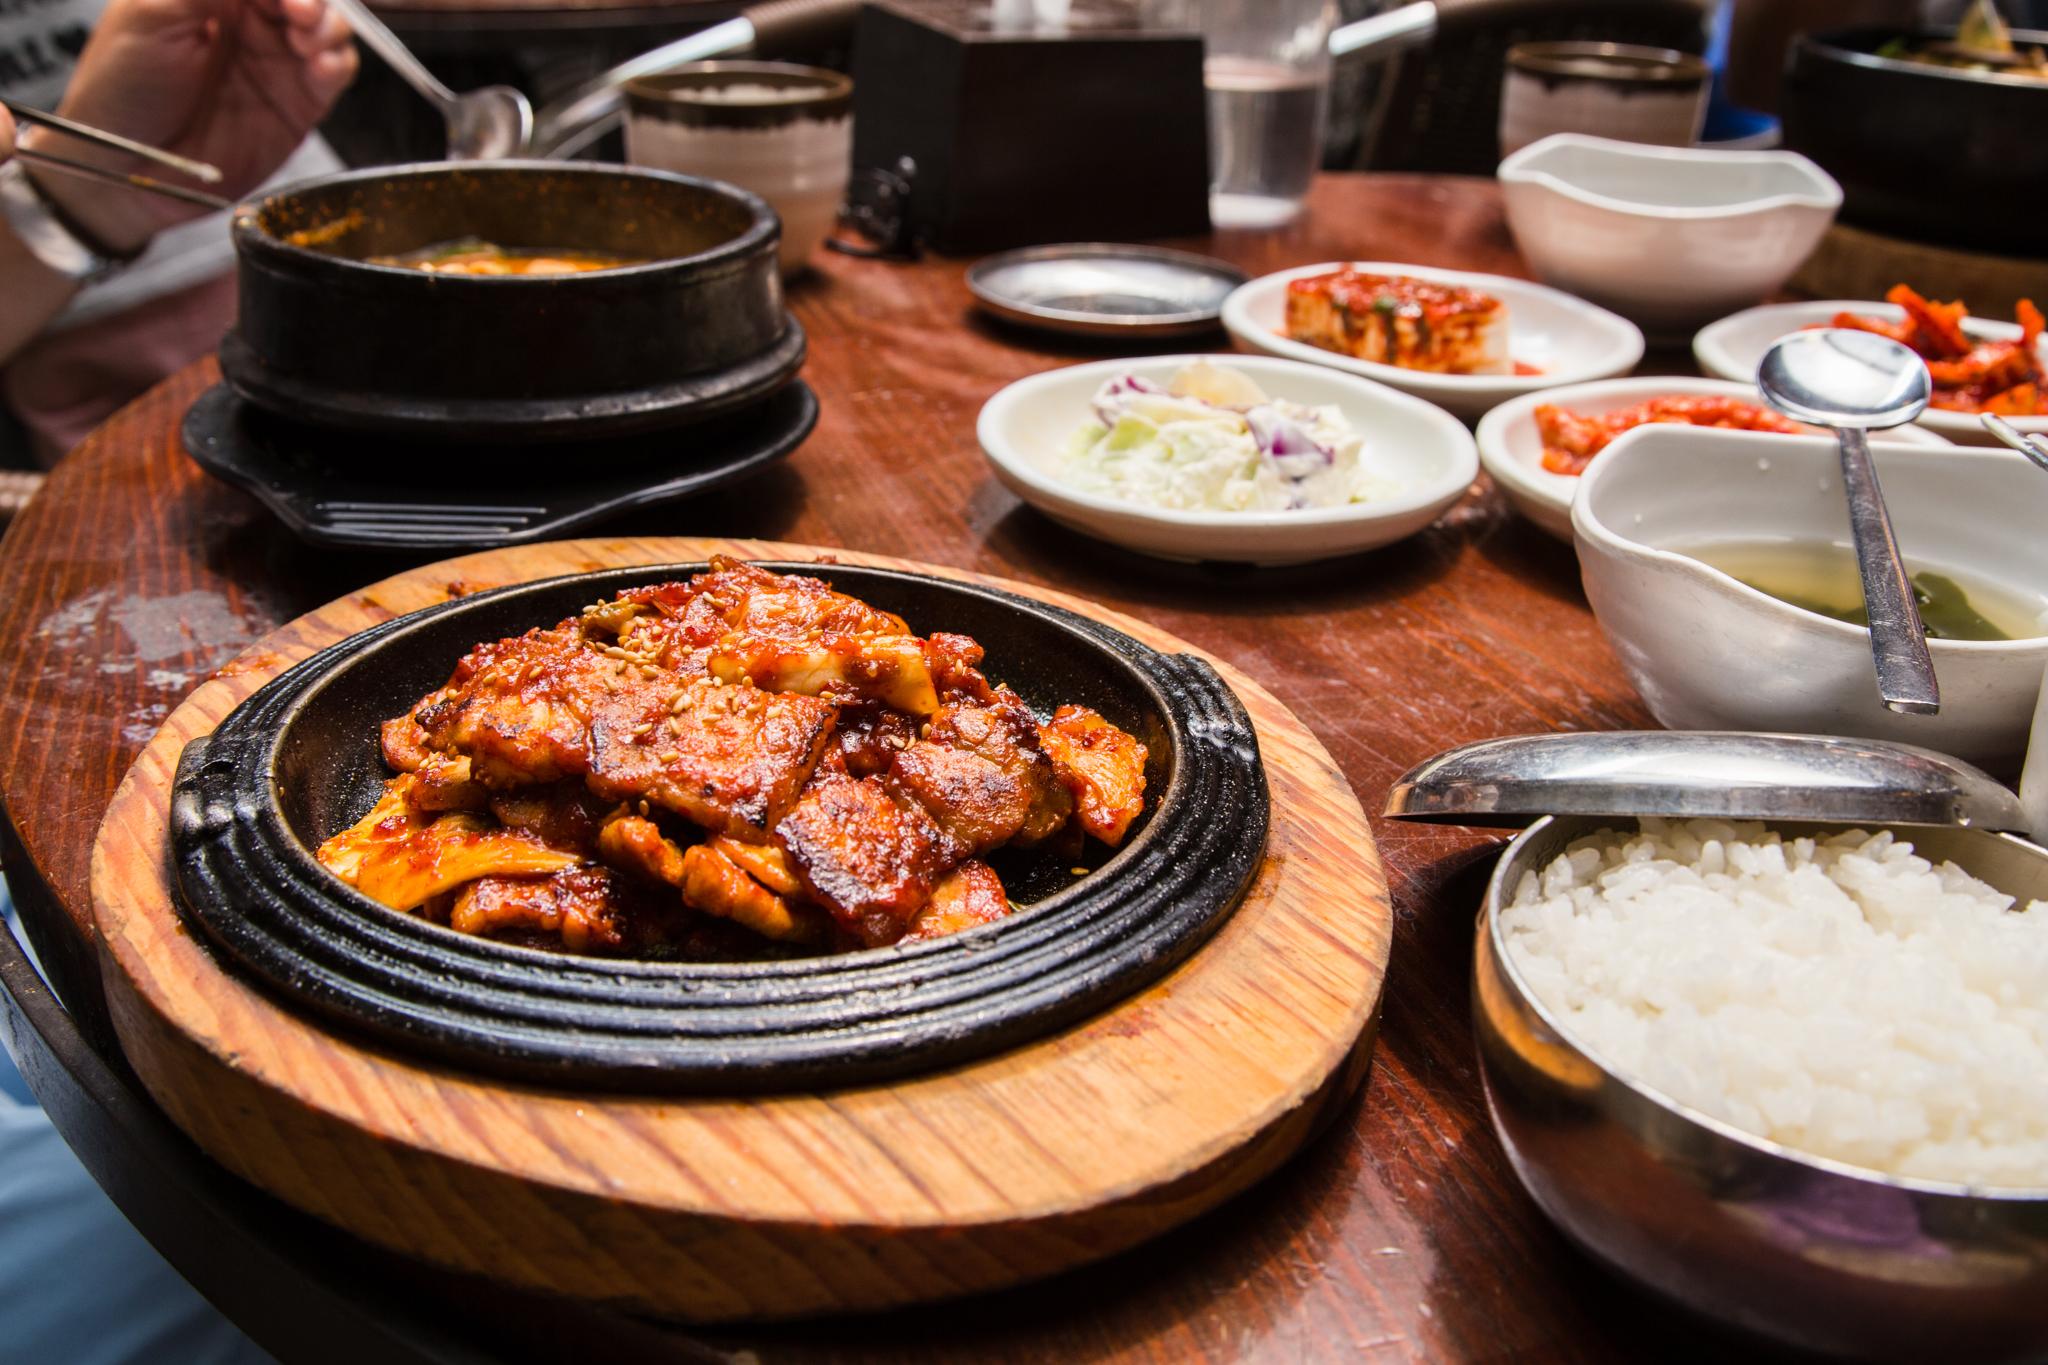 제육볶음 Jeyukbokkeum (Spicy stir fried pork)